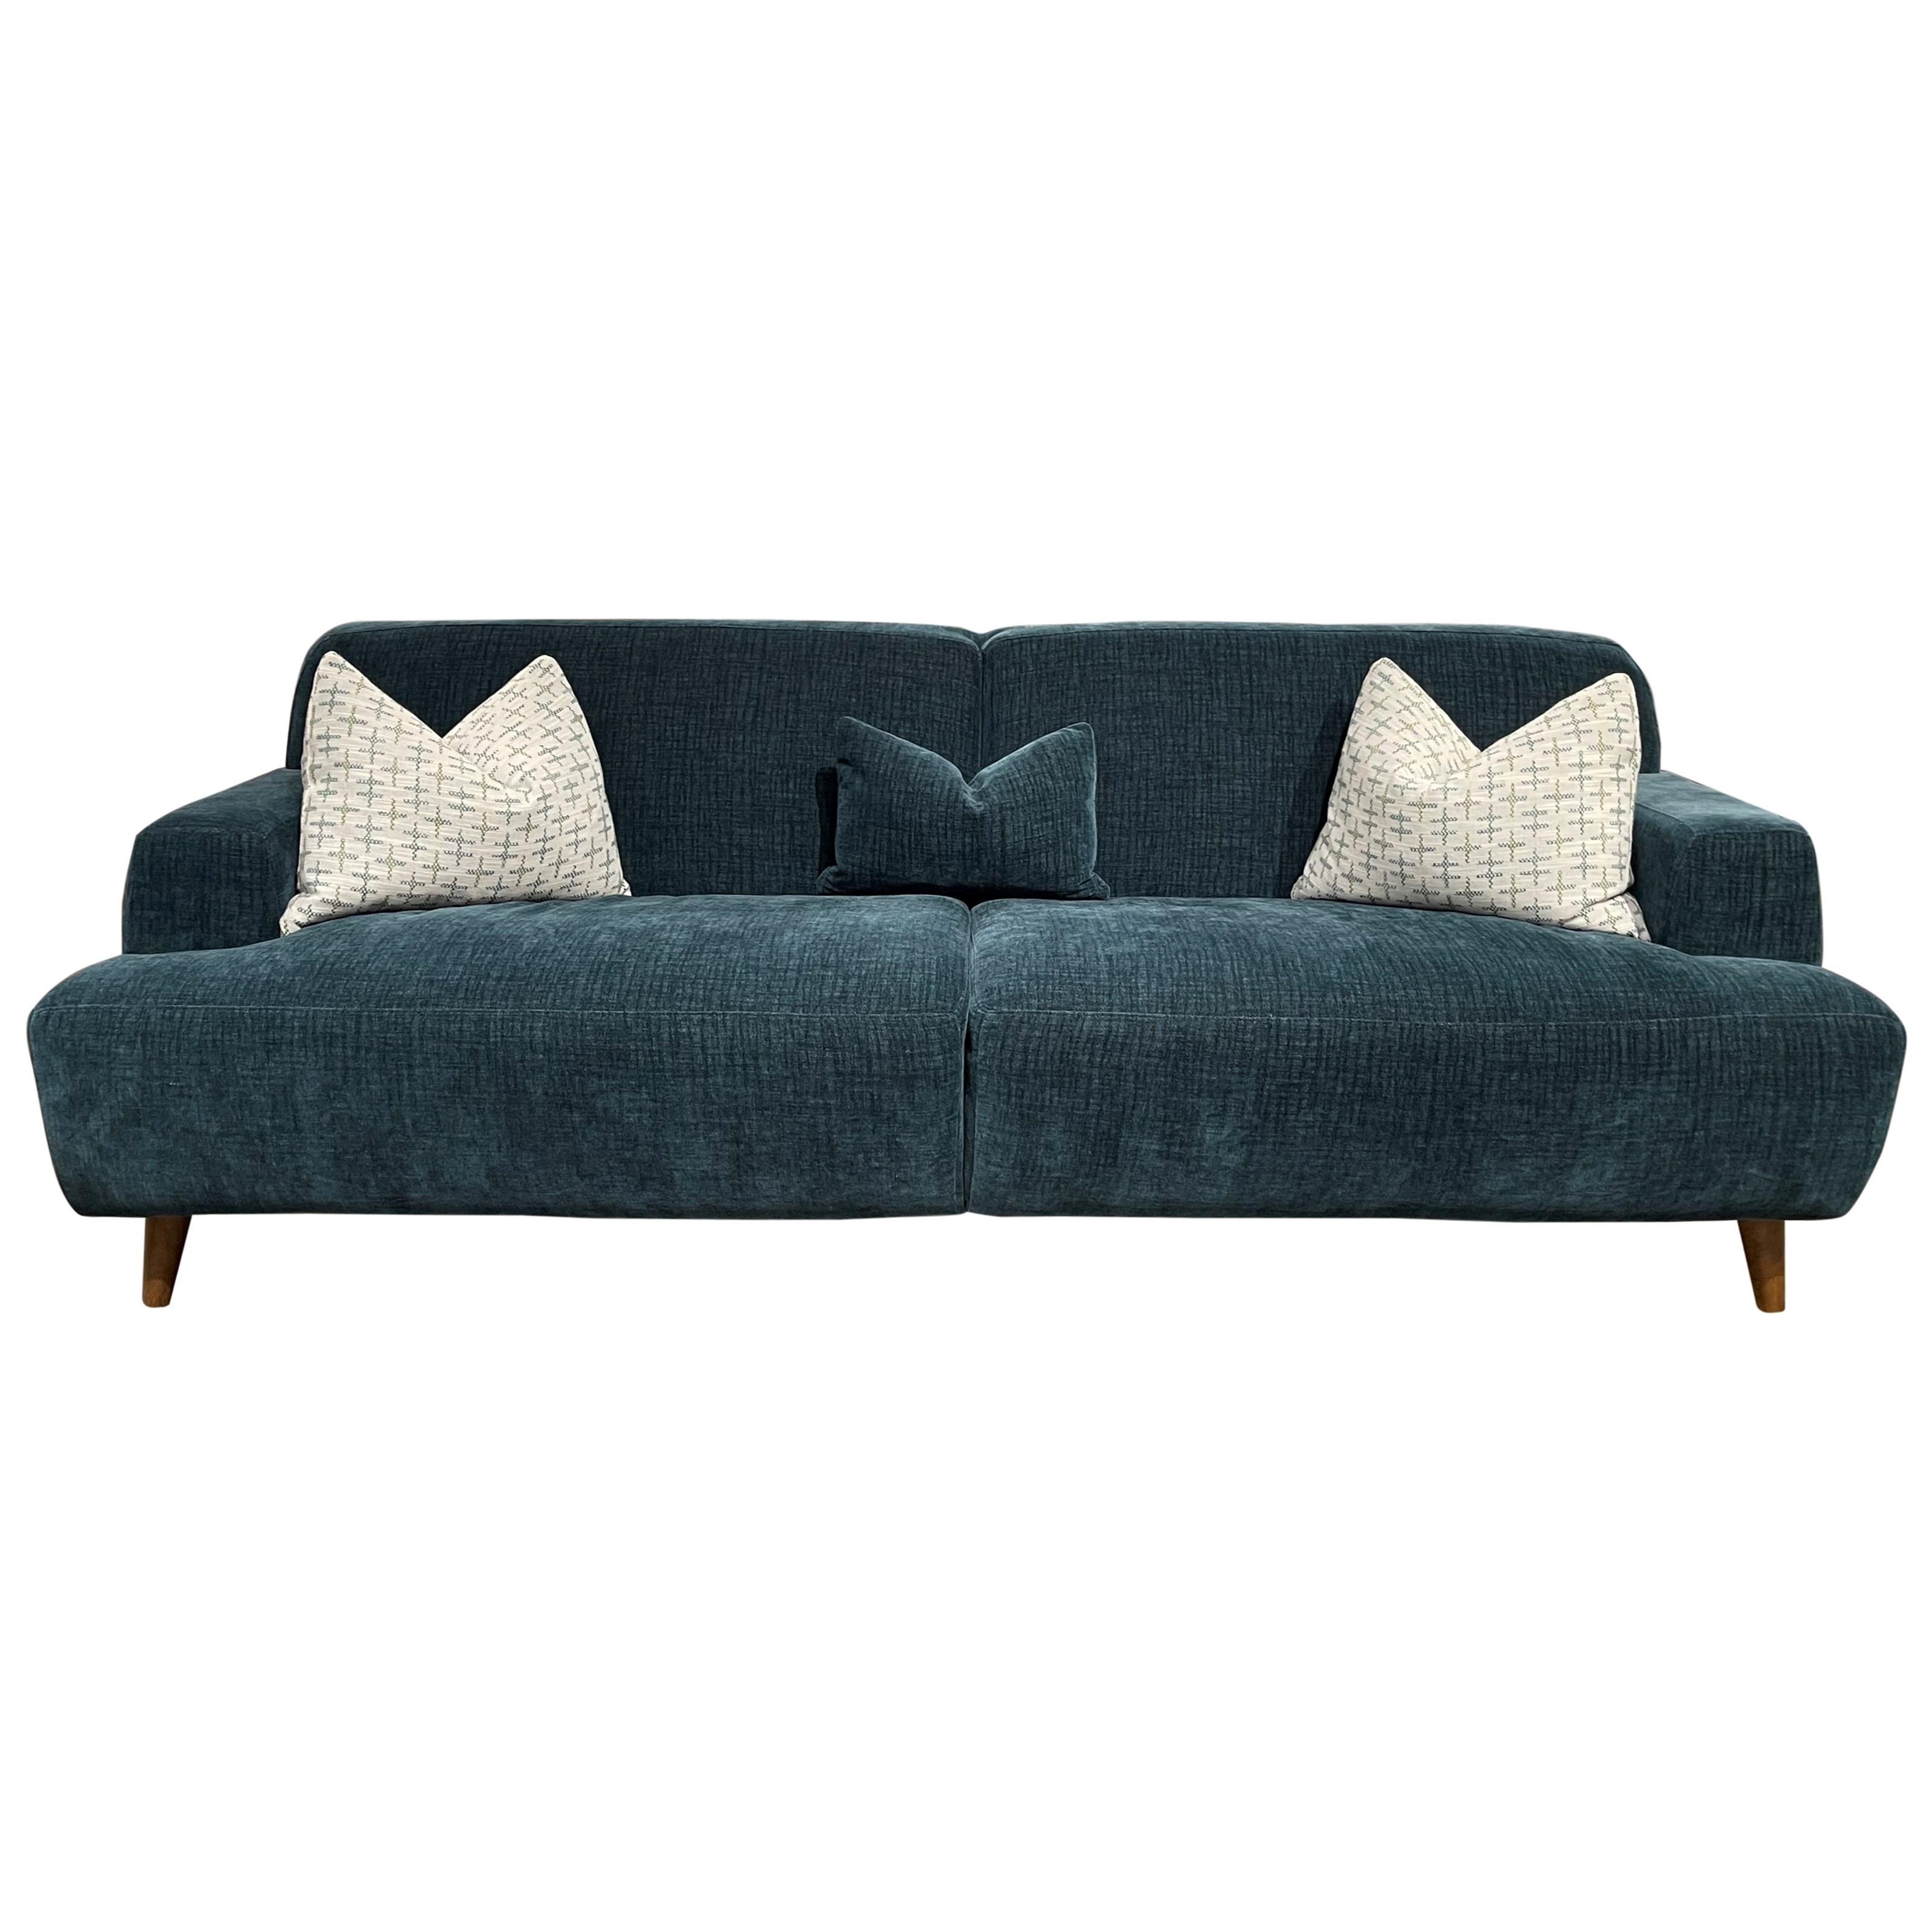 Banks Sofa at Williams & Kay